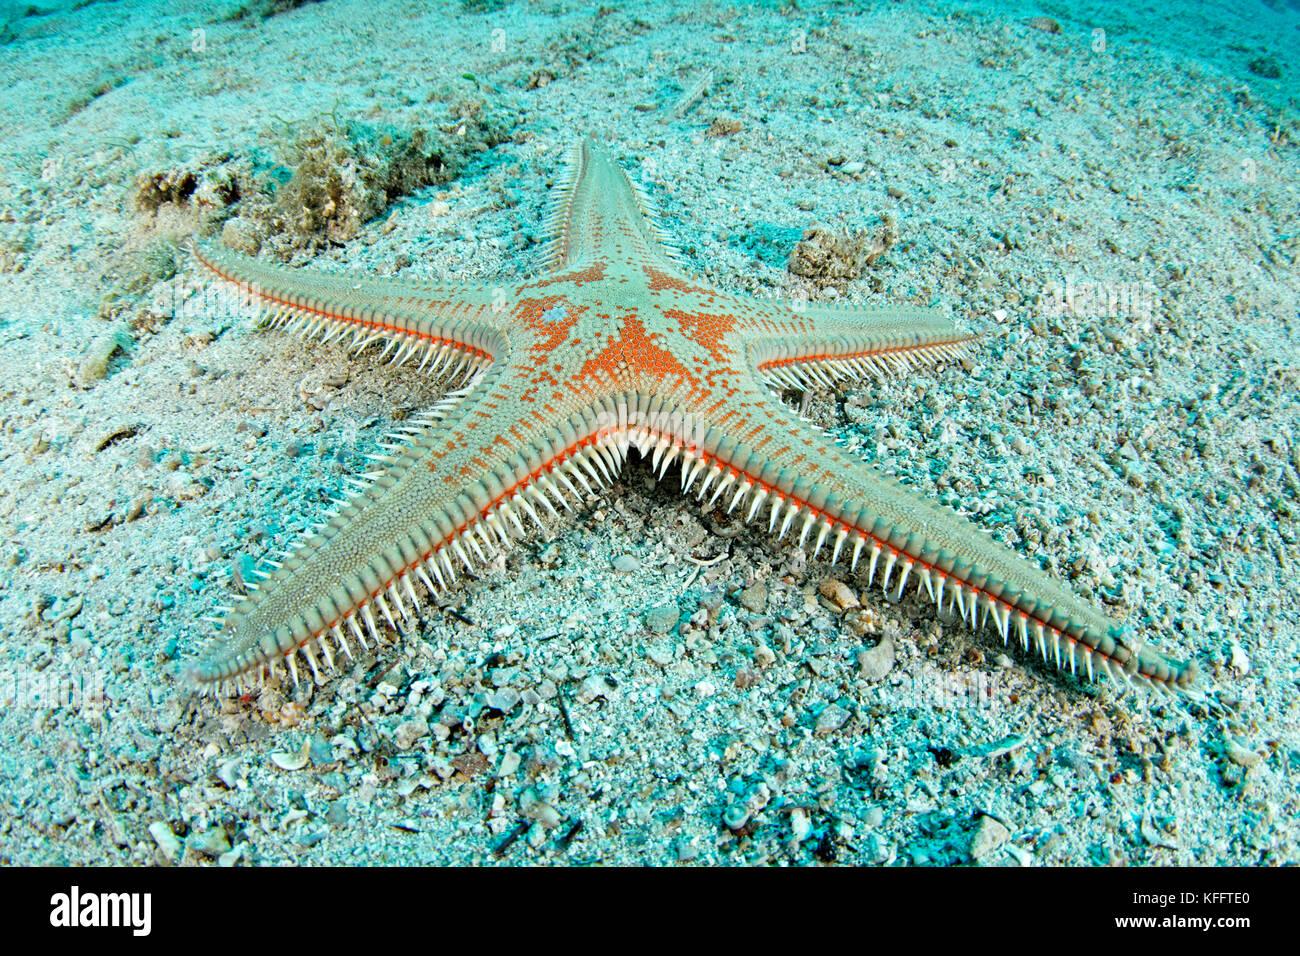 Comb star, Astropecten aranciacus, Adriatic Sea, Mediterranean Sea, Island Brac, Dalmatia, Croatia - Stock Image